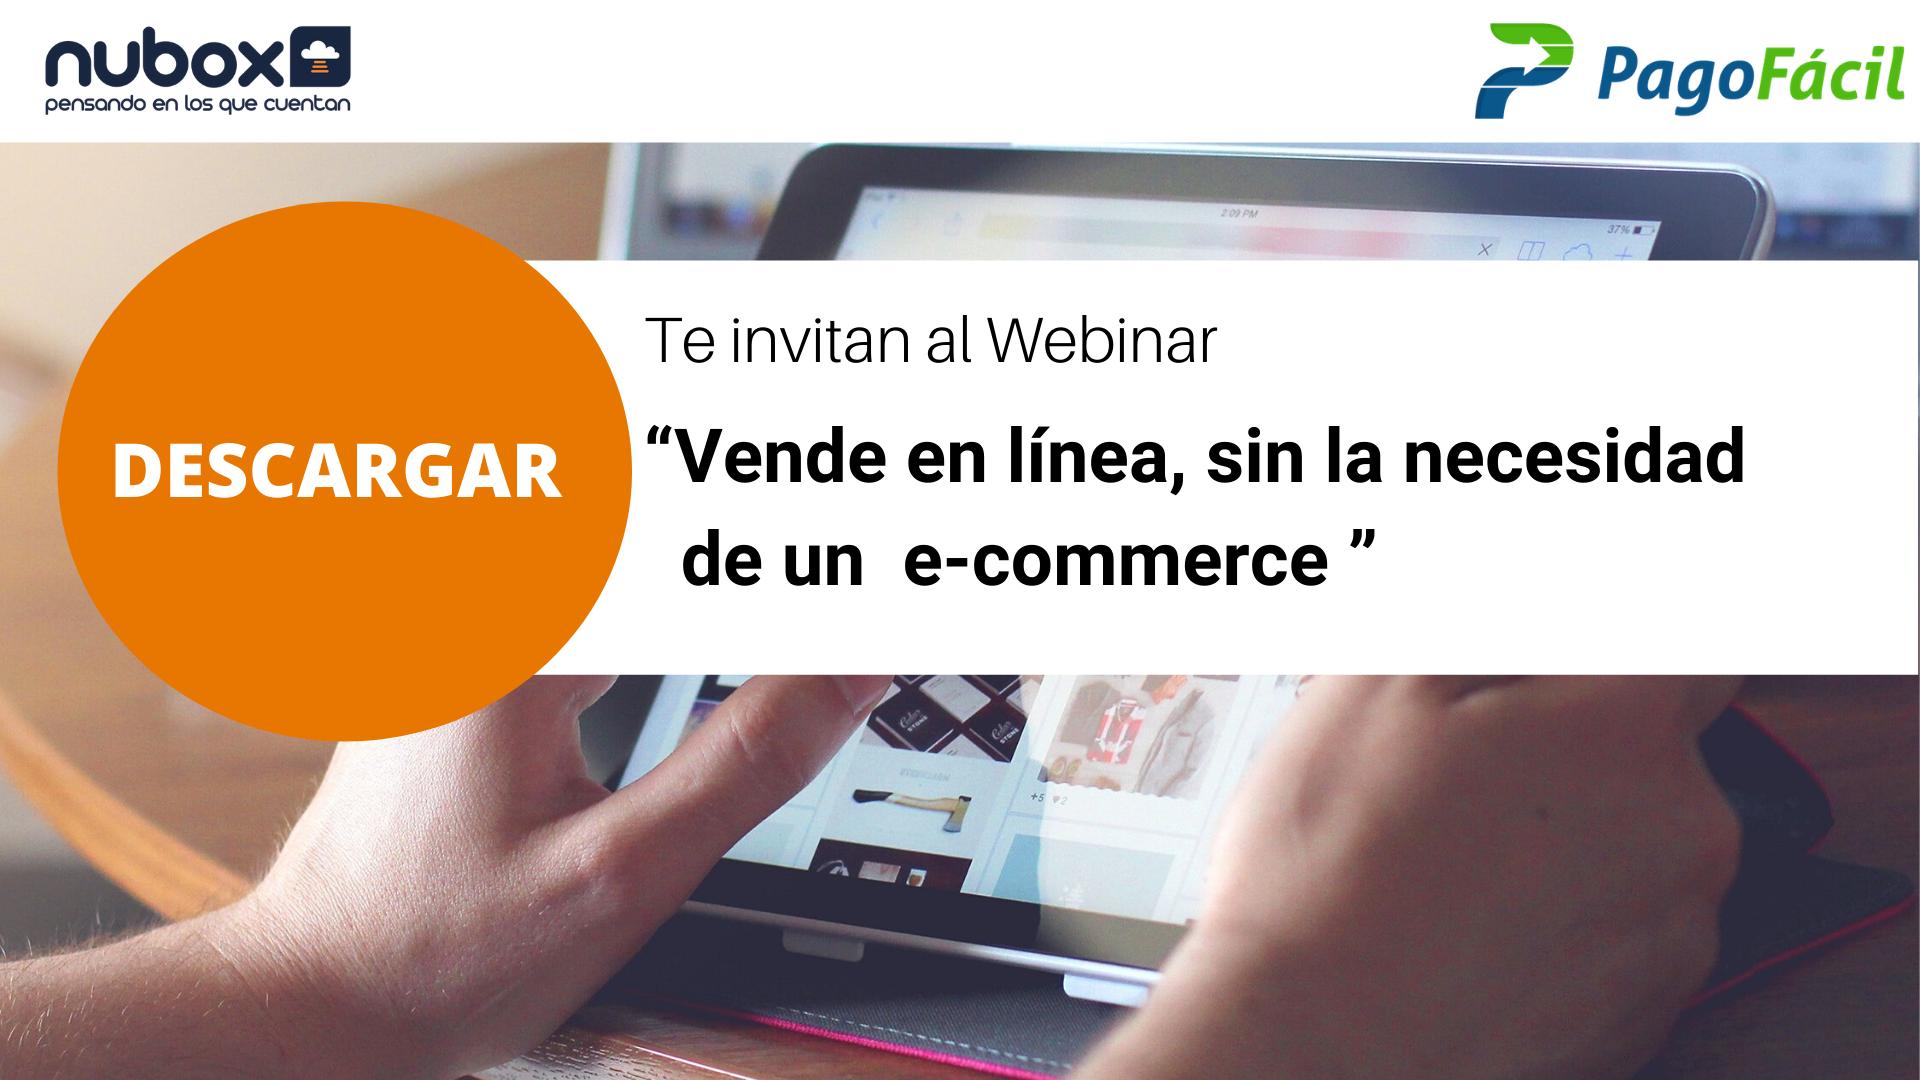 [Webinar Gratuito] ¿Cómo vender en línea sin la necesidad de un E-commerce?